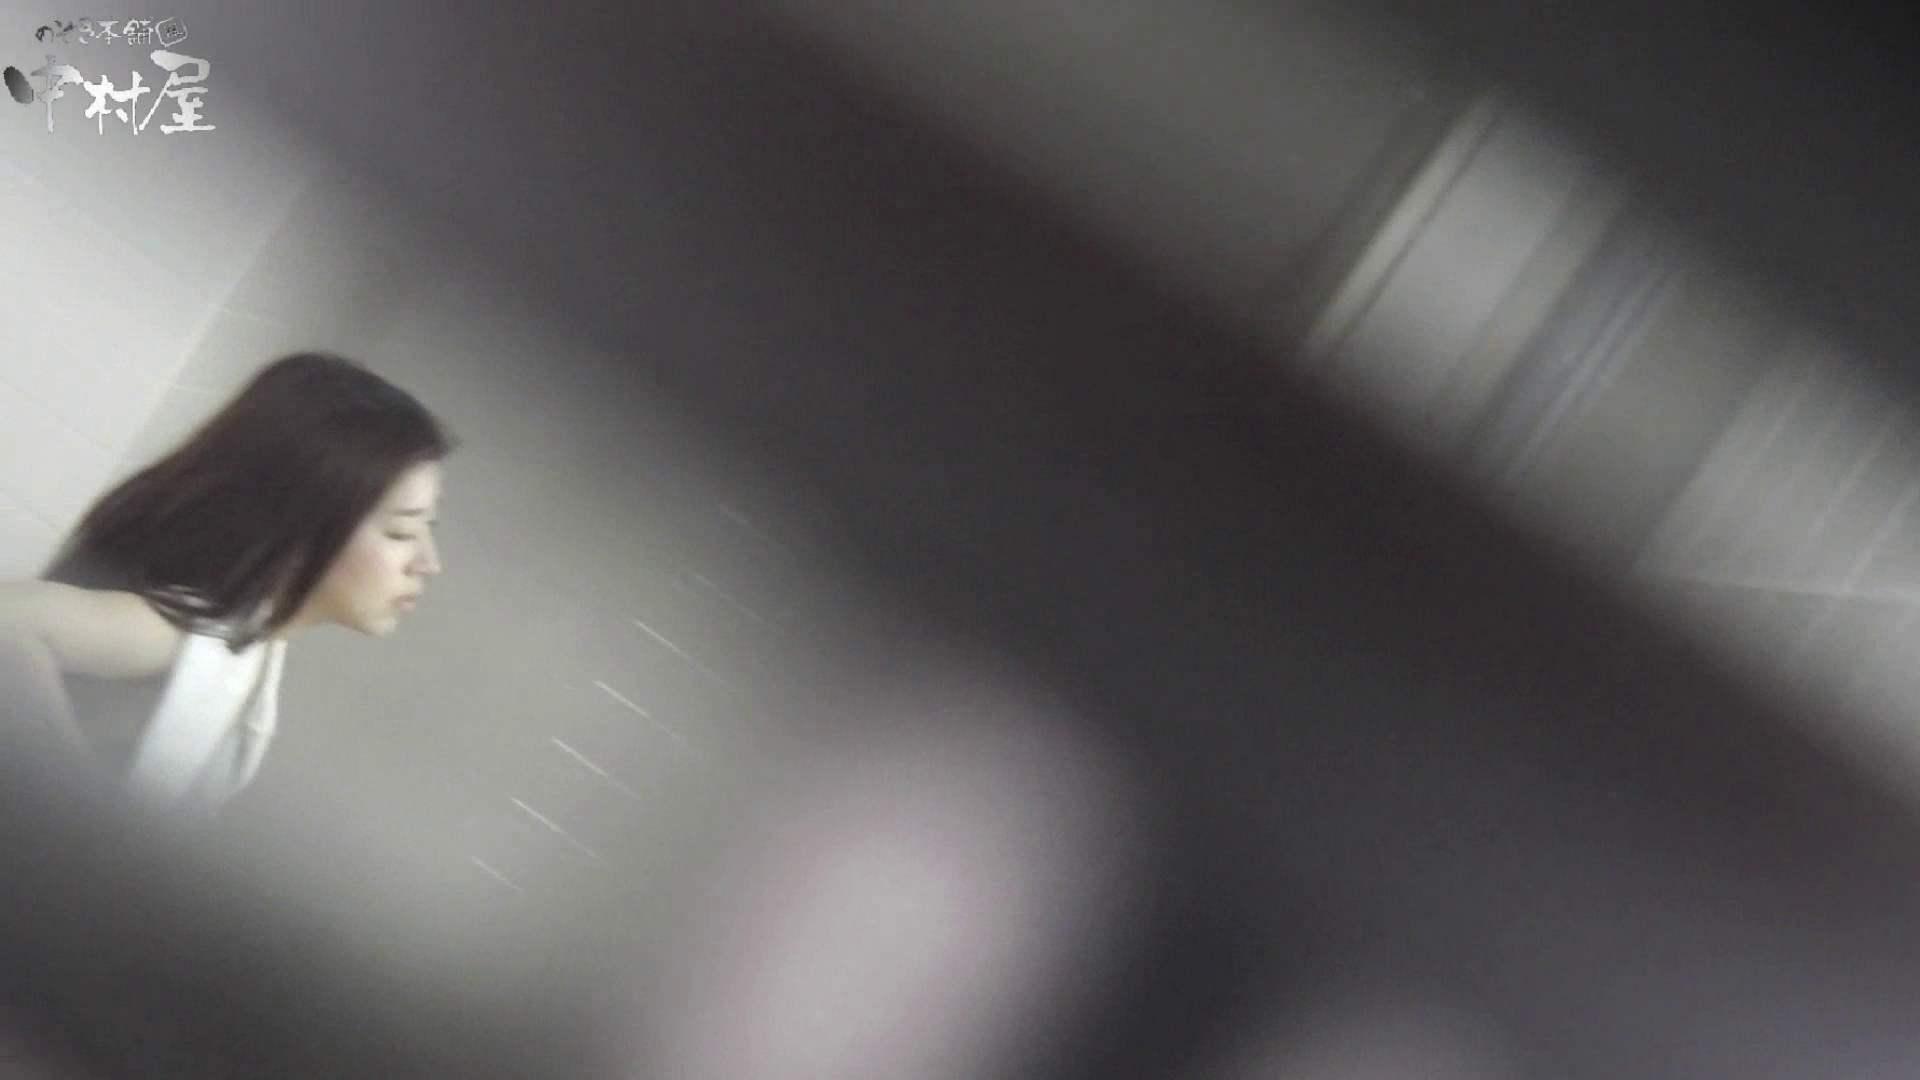 vol.47 命がけ潜伏洗面所! 可愛い顔してケツ毛な件 OLハメ撮り  74Pix 61